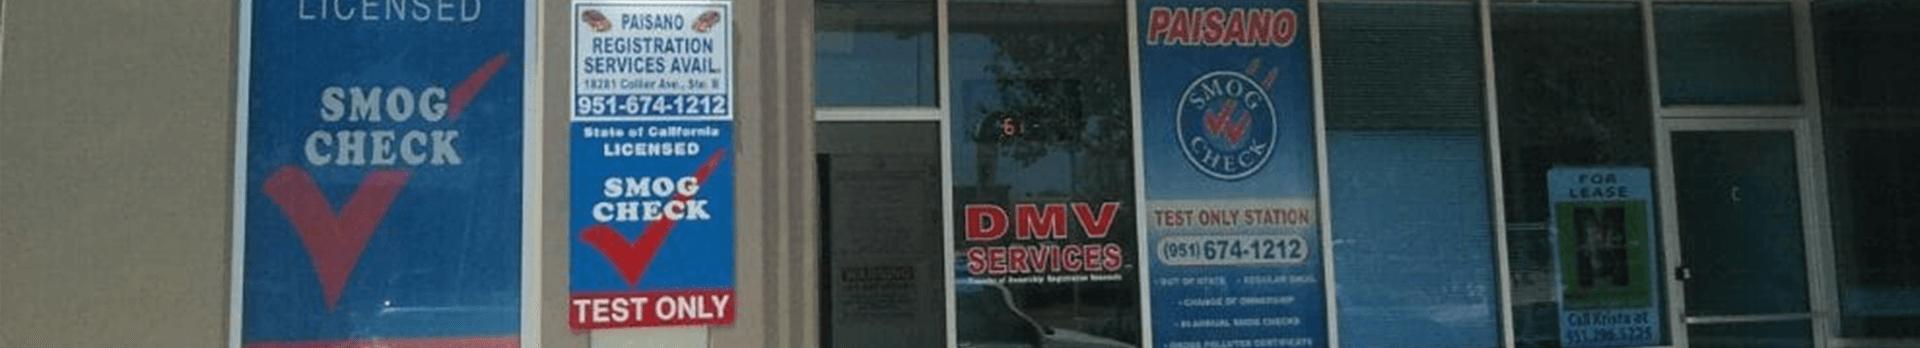 $15 Coupon | STAR Smog & DMV Registartion Near Me | 951-674-1212